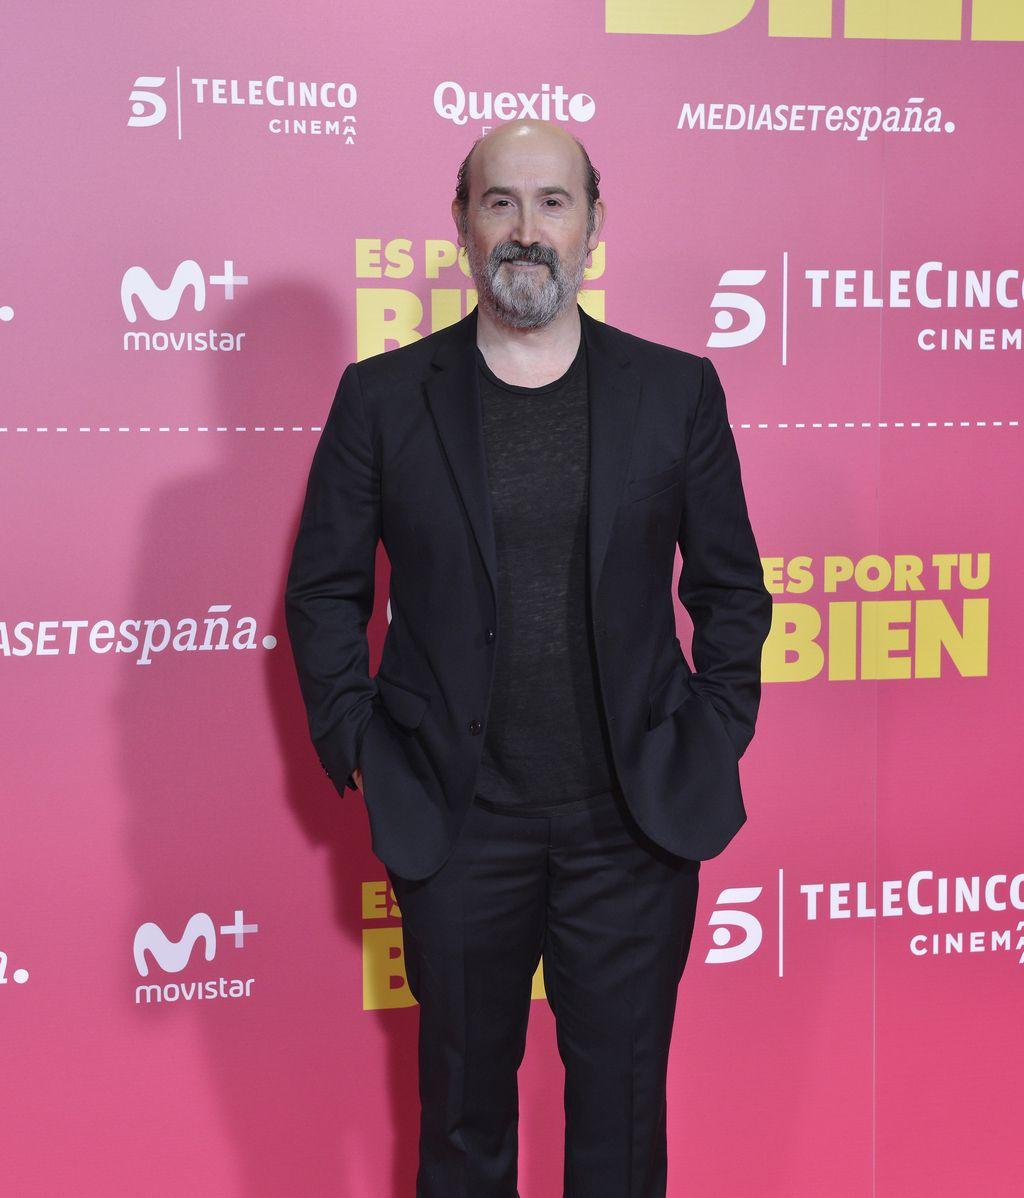 Javier Cámara en la presentación de la película de Telecinco Cinema 'Es por tu bien'